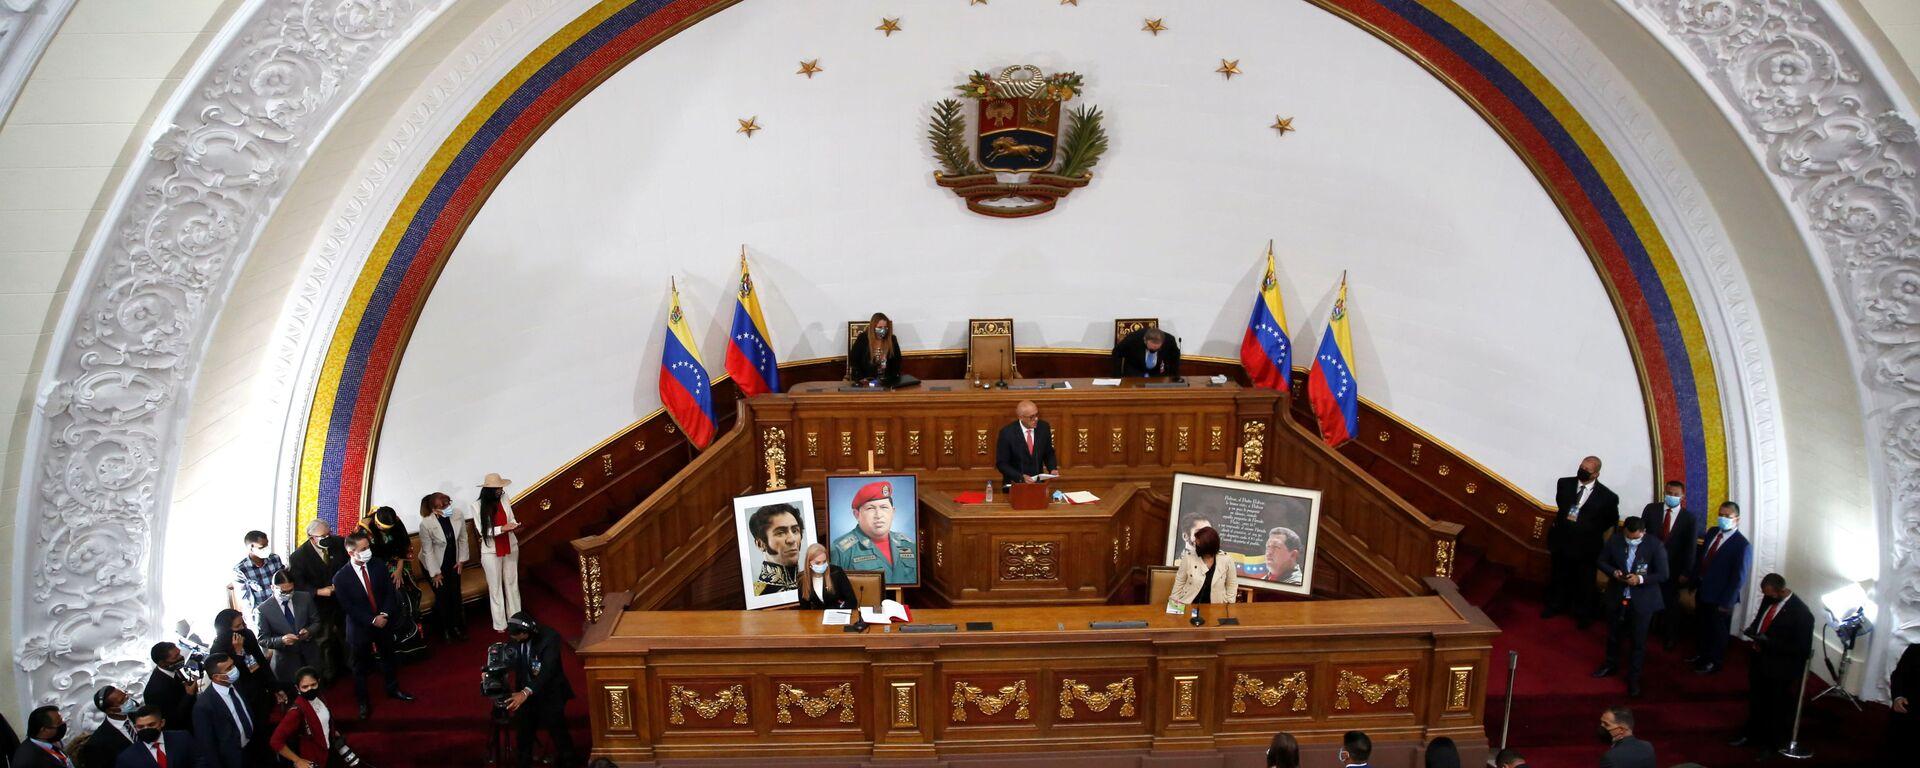 Asamblea Nacional de Venezuela - Sputnik Mundo, 1920, 13.04.2021